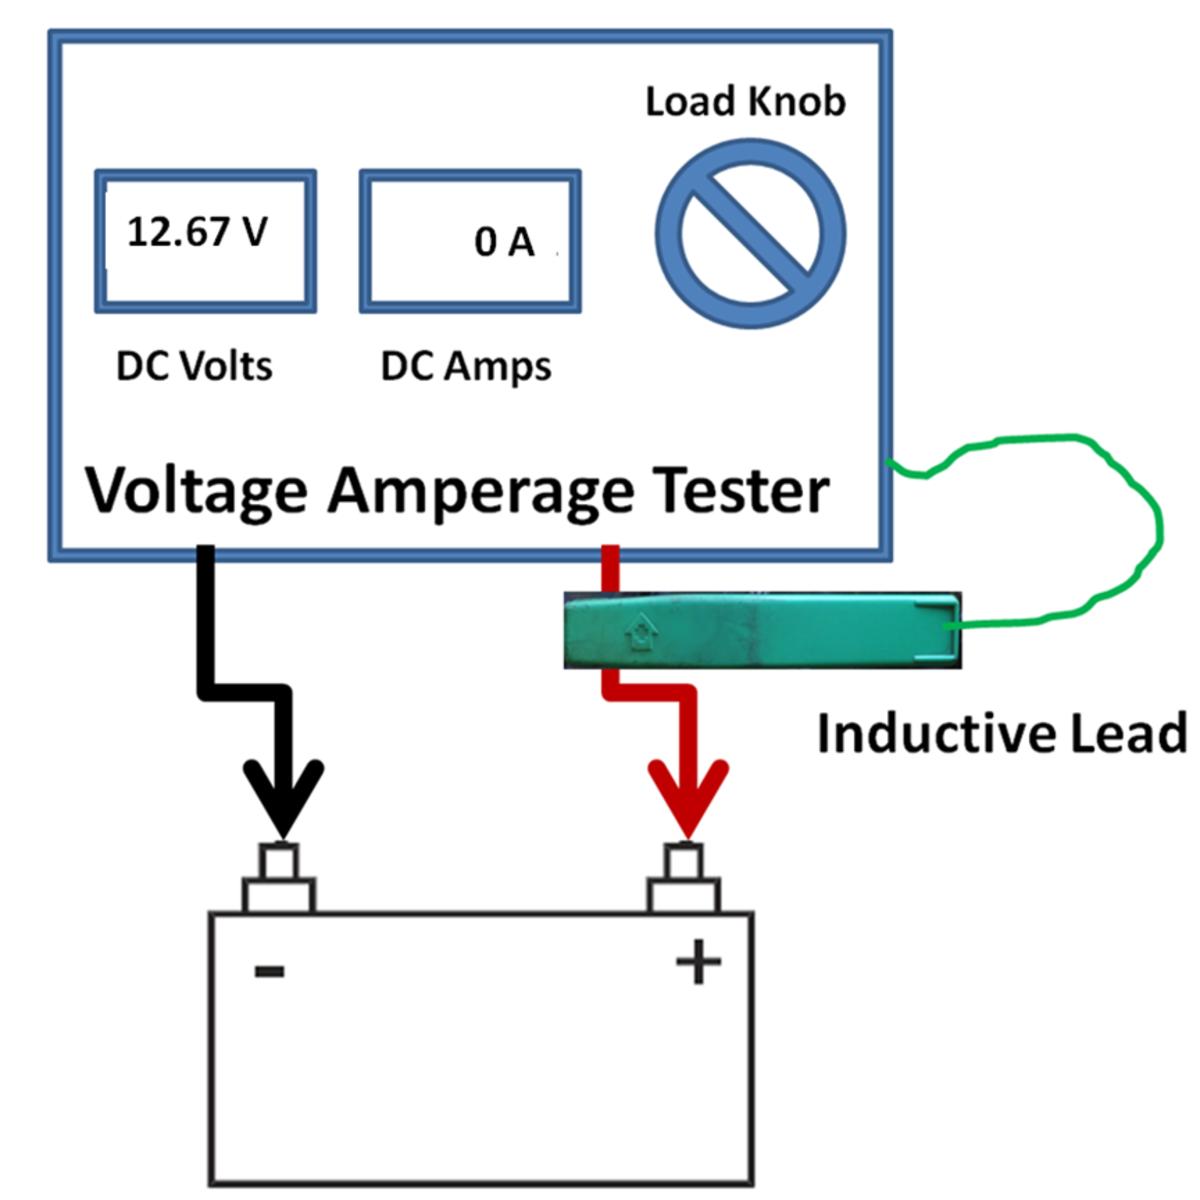 VAT - Voltage Amperage Tester performing a battery load test.